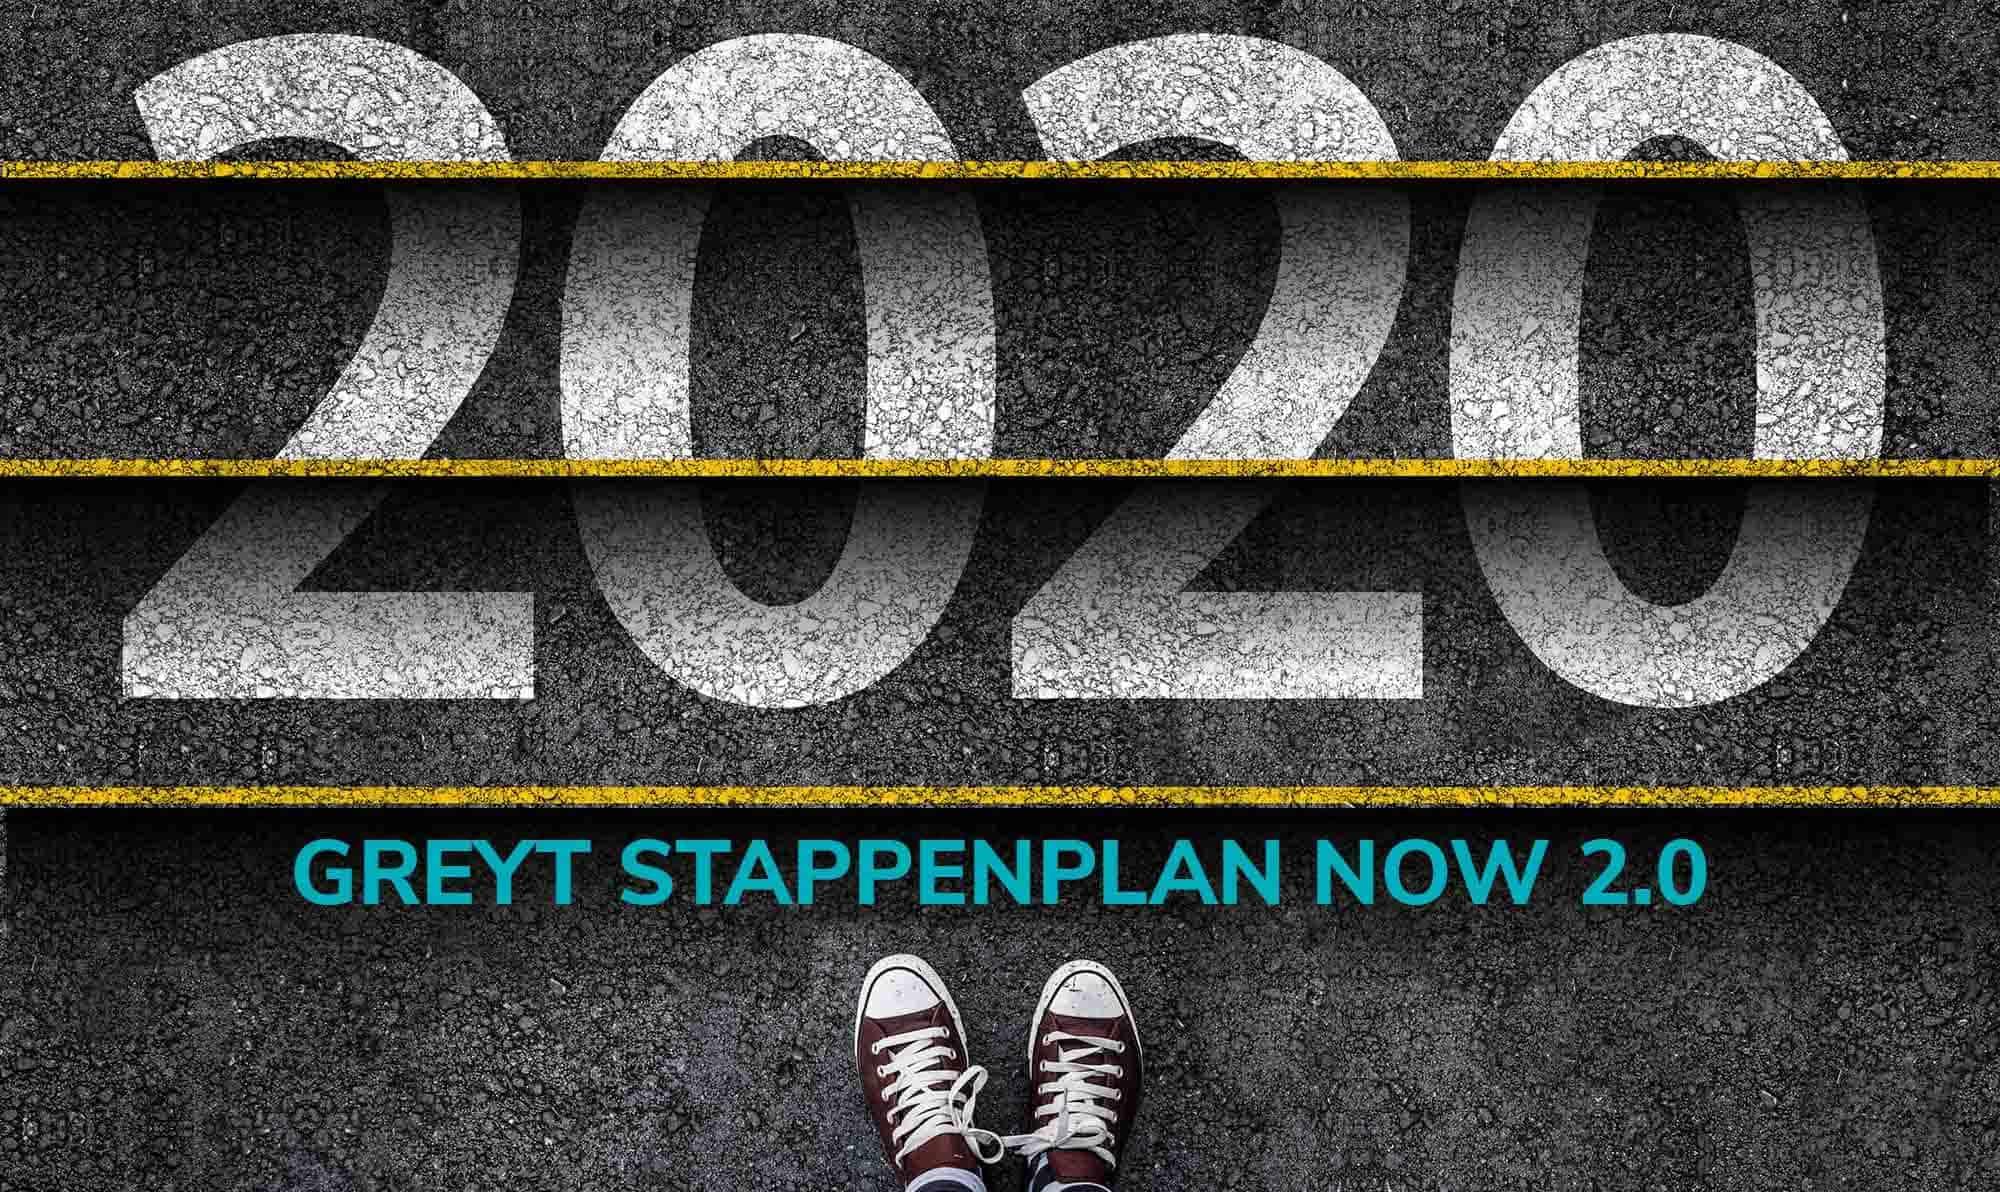 Stappenplan voor aanvraag NOW 2.0